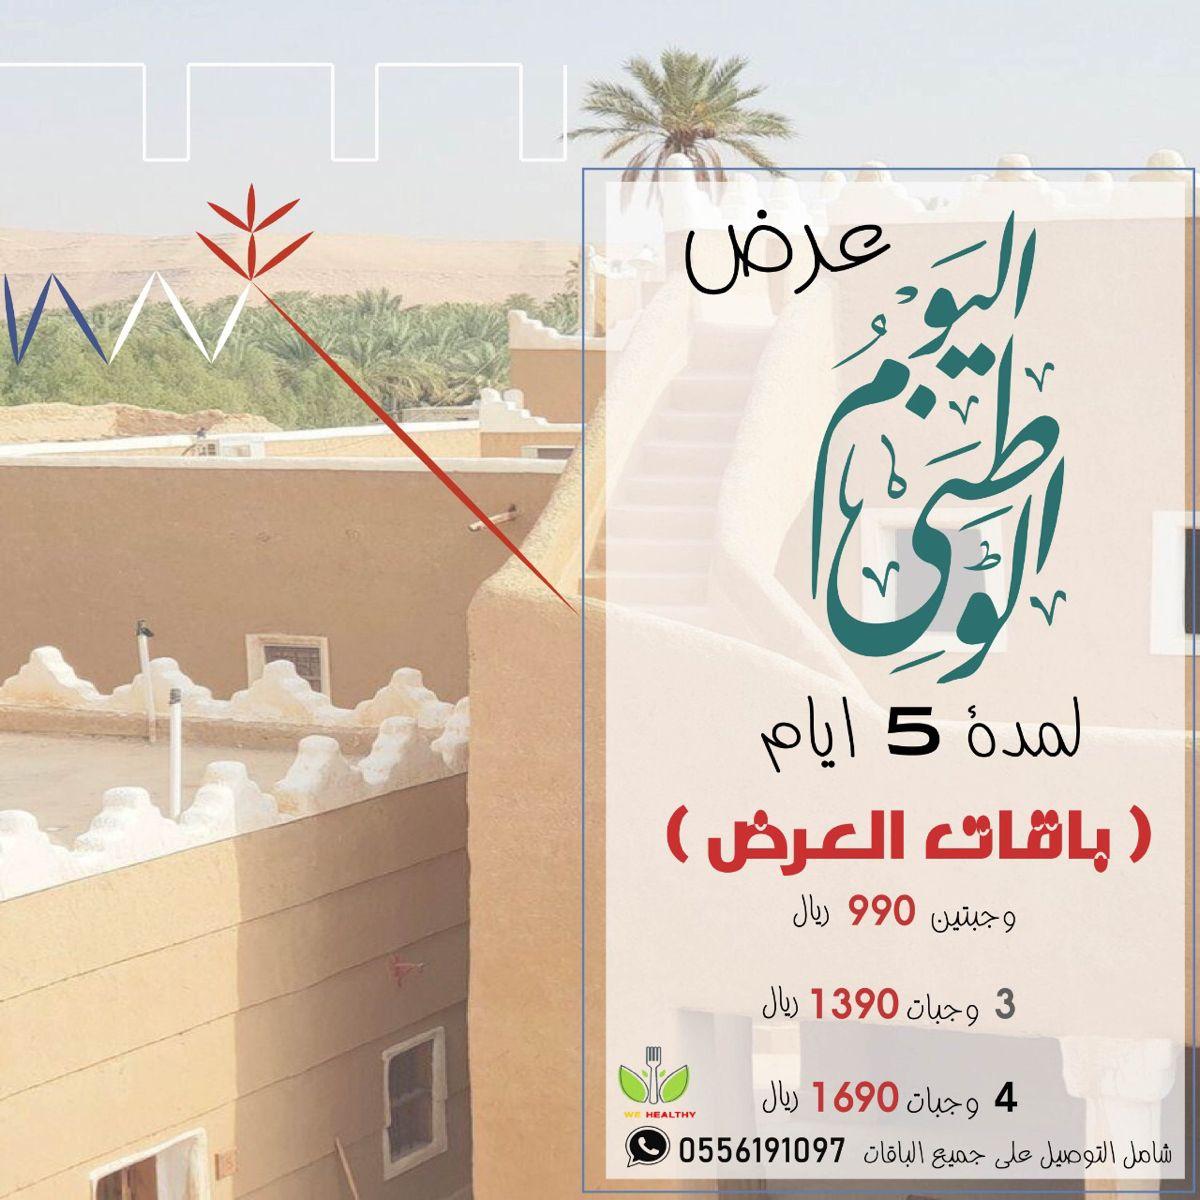 صفحه اعلانيه تصميم اعلاني اليوم الوطني عروض اليوم الوطني تصميم اعلان تصاميم السعوديه جرافيك ديزاين Home Decor Decals Decor Home Decor